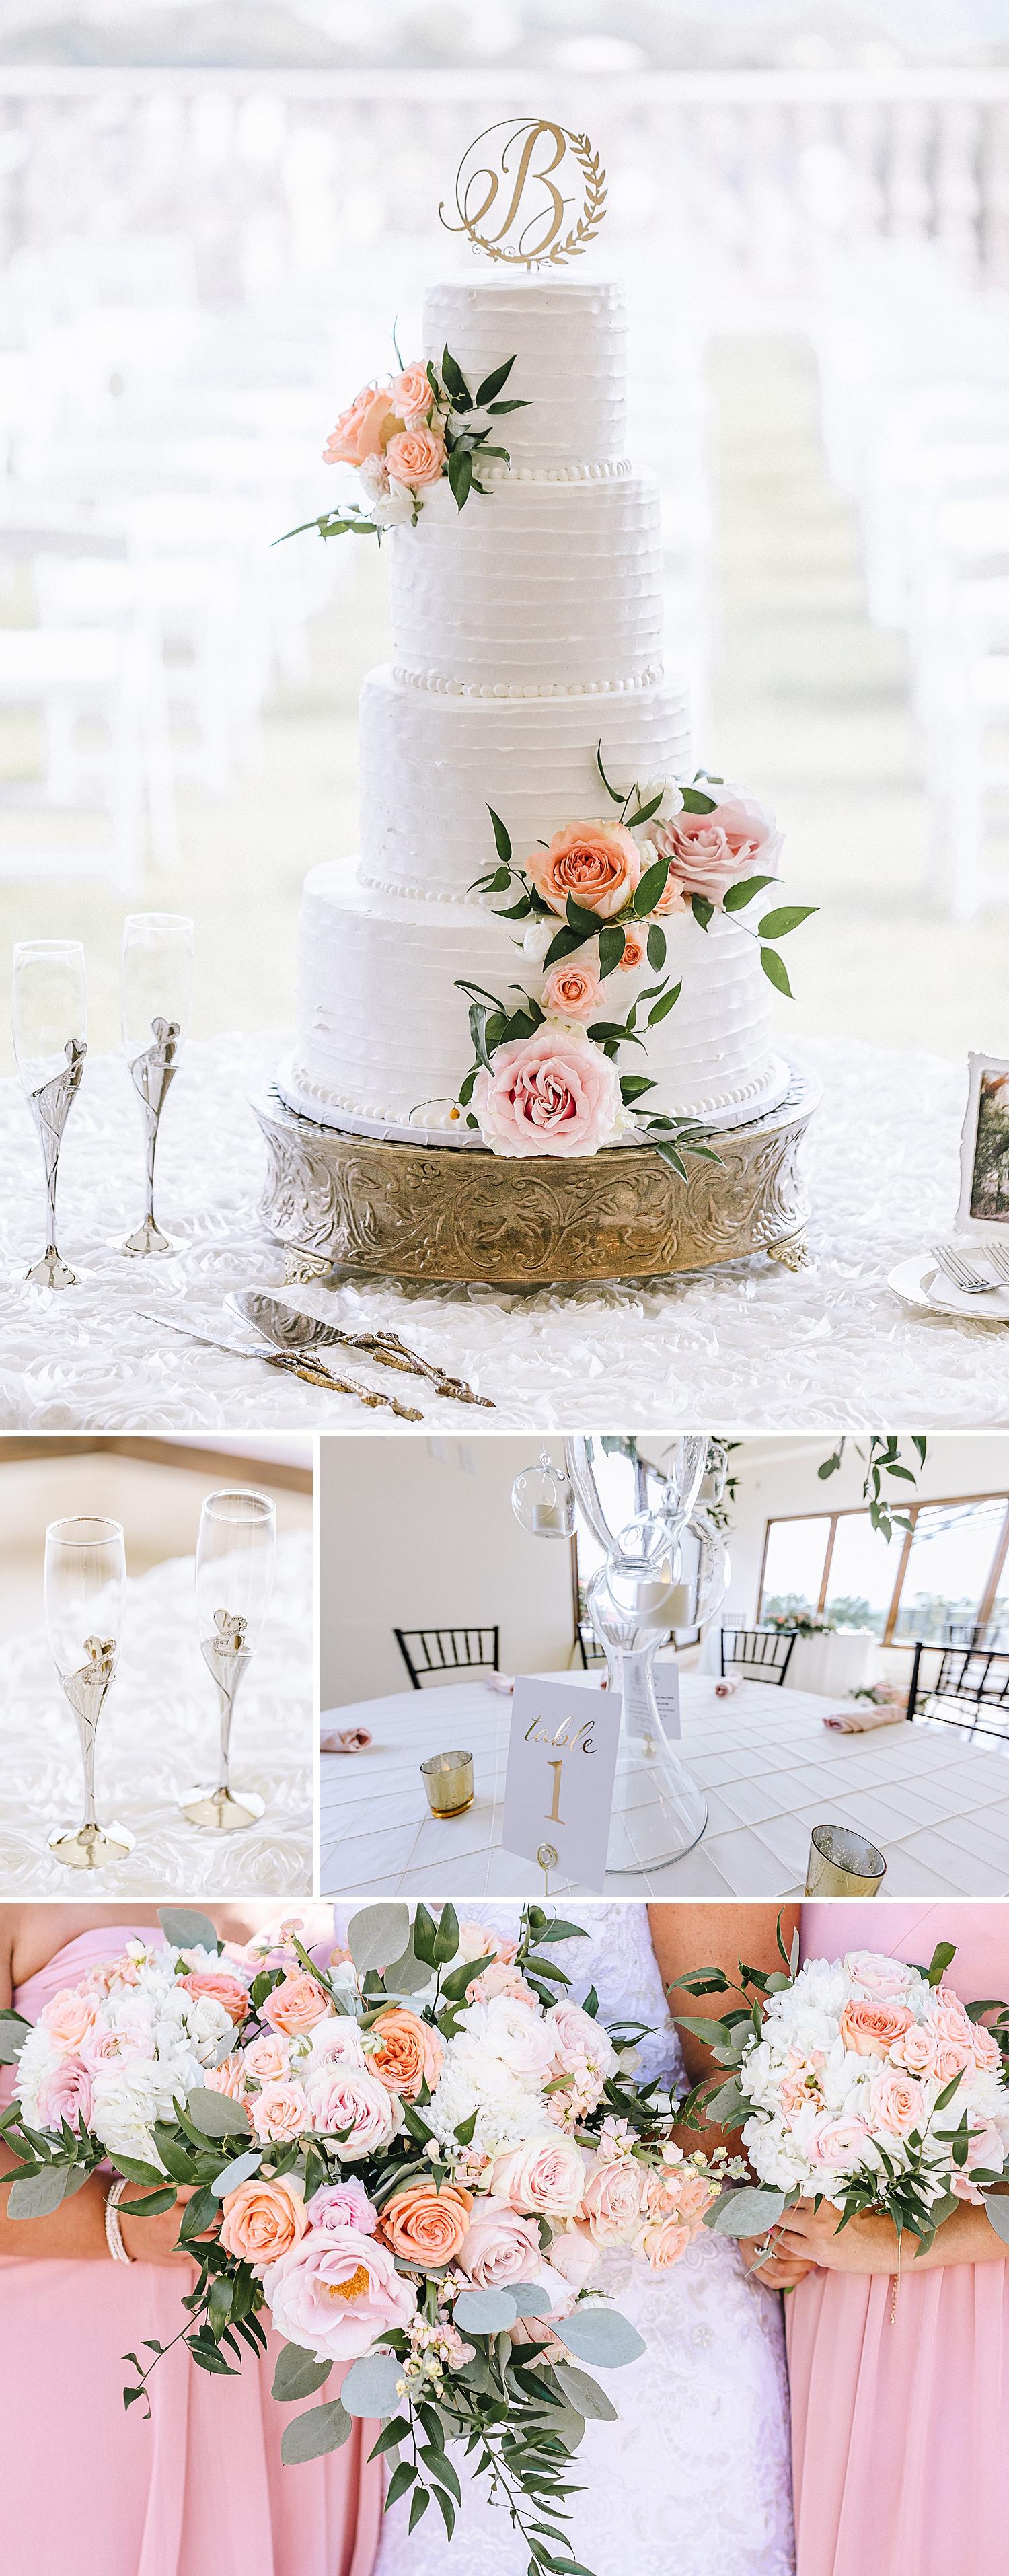 Carly-Barton-Photography-The-Villa-at-Cielo-Vista-Blush-Gold-White-Wedding-Photos_0102.jpg